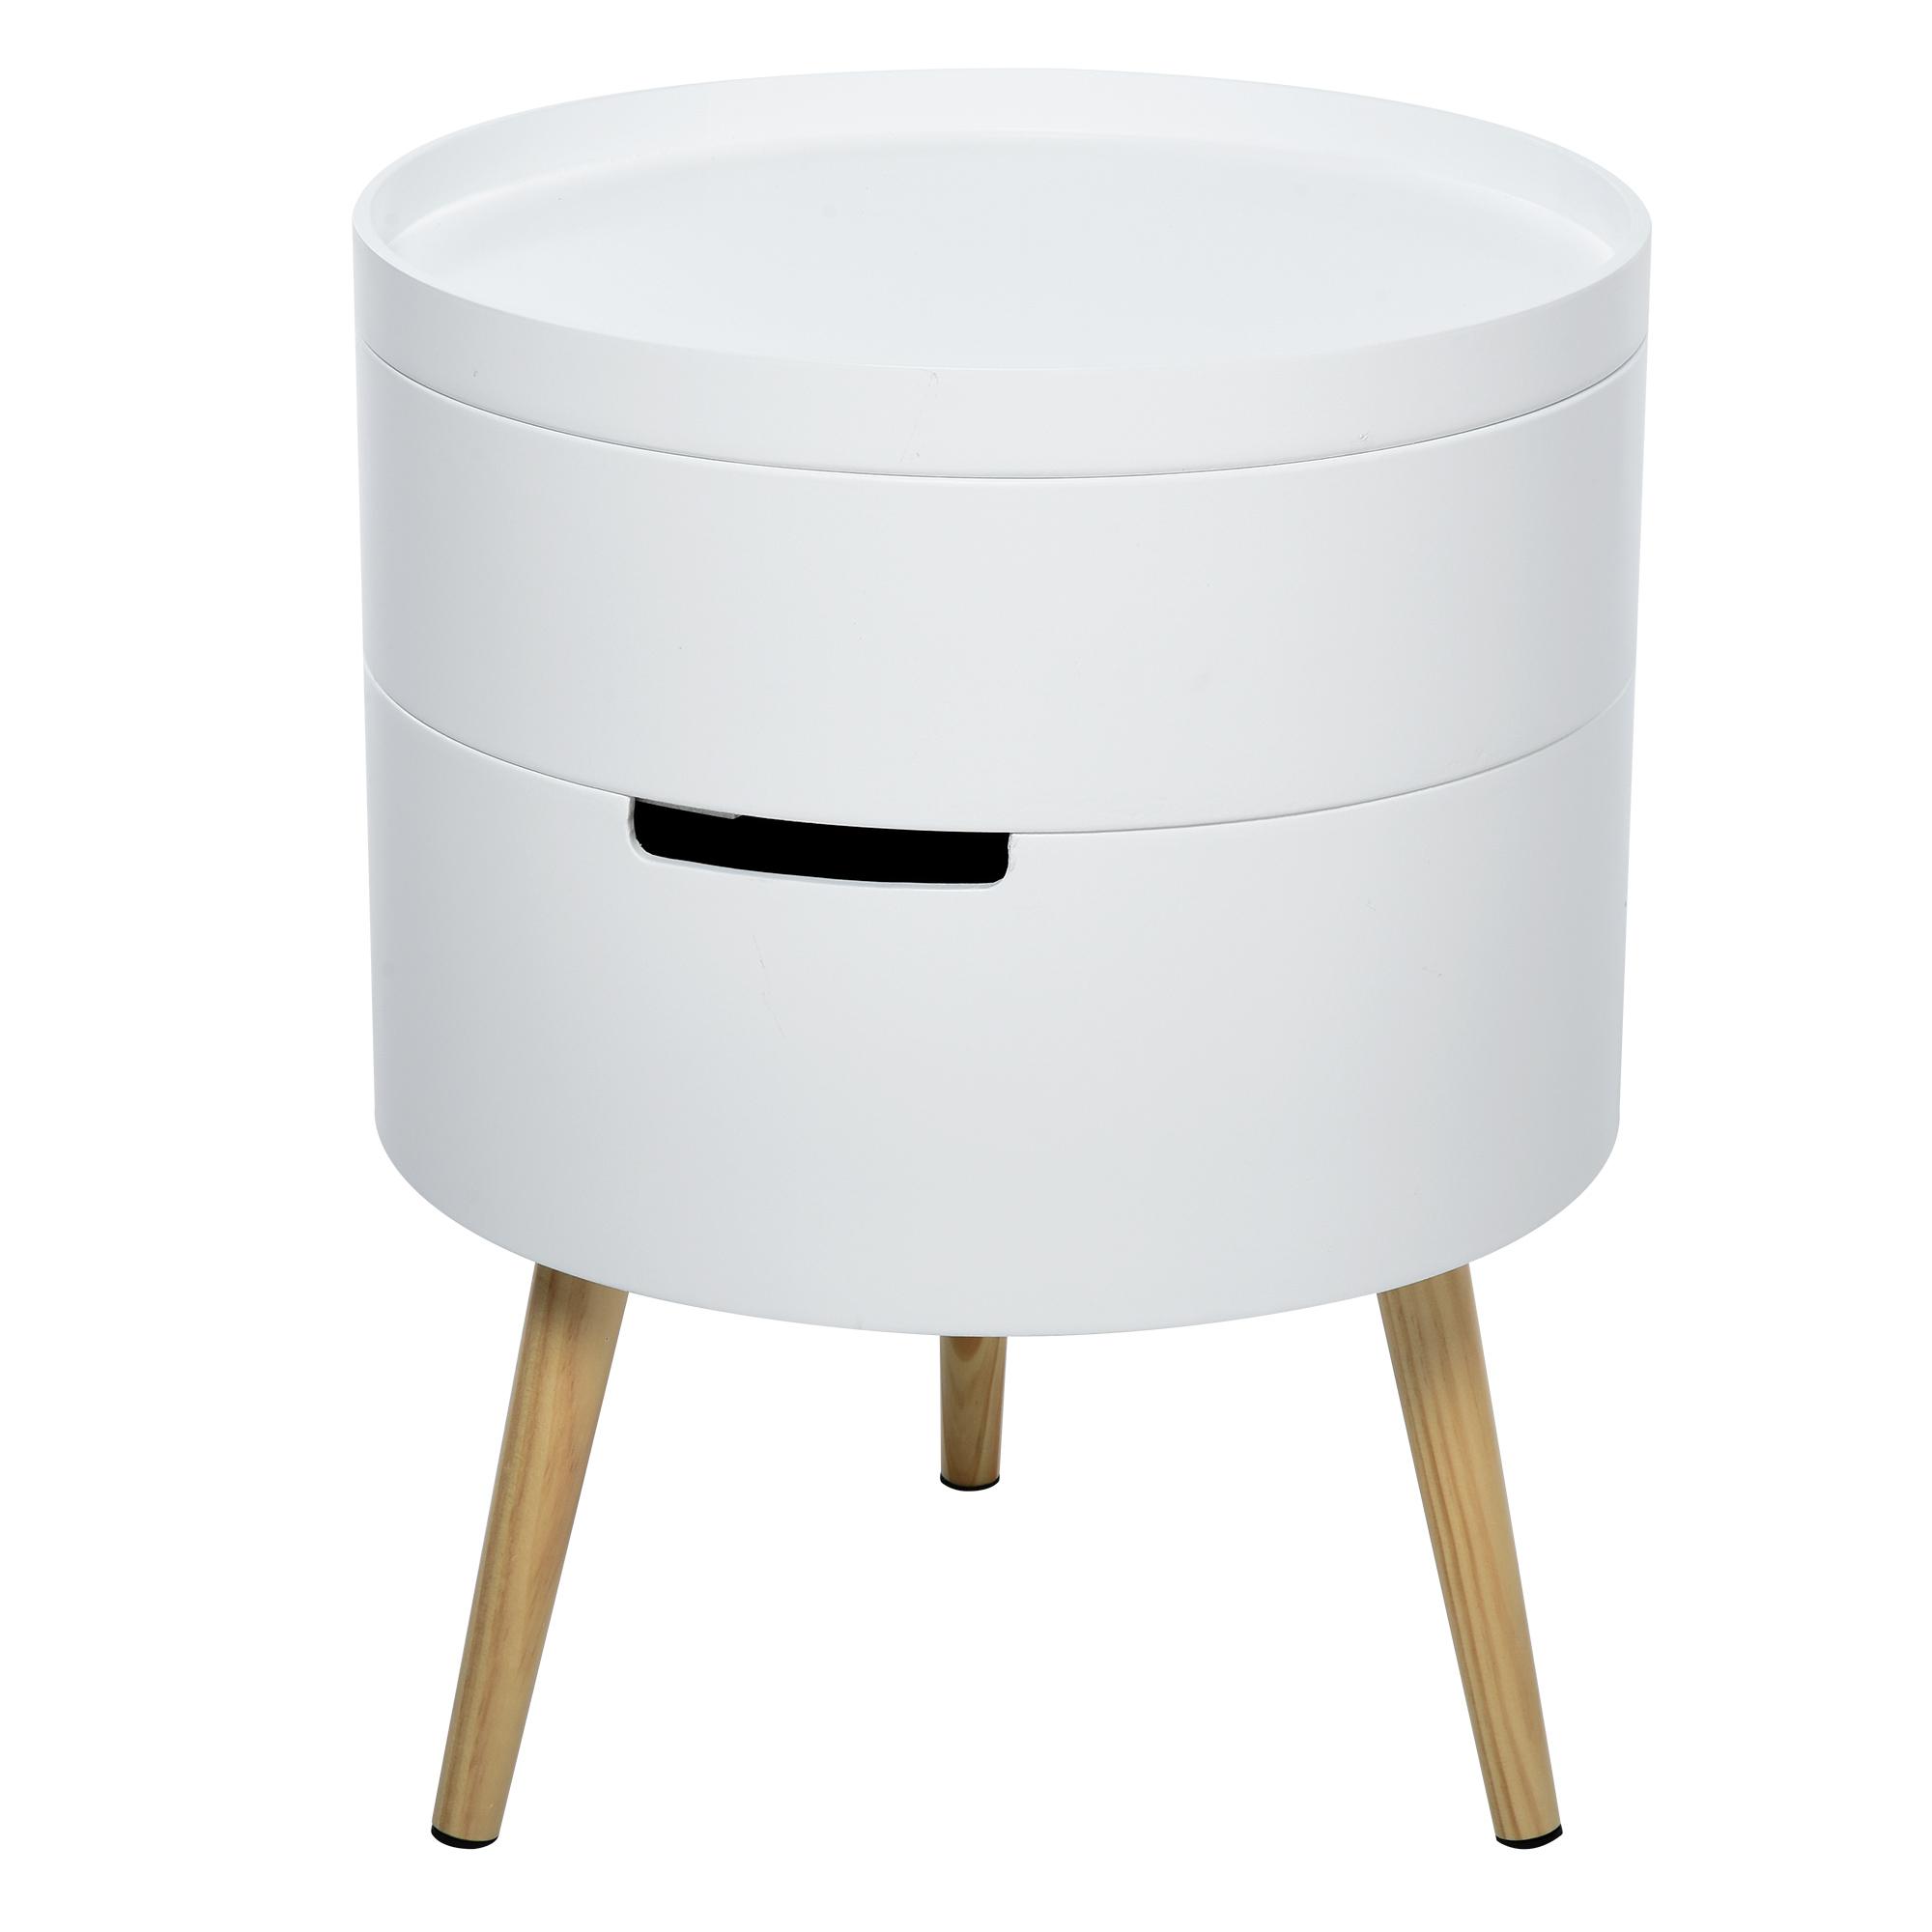 Table de chevet - table basse avec 2 compartiments de rangement blanc